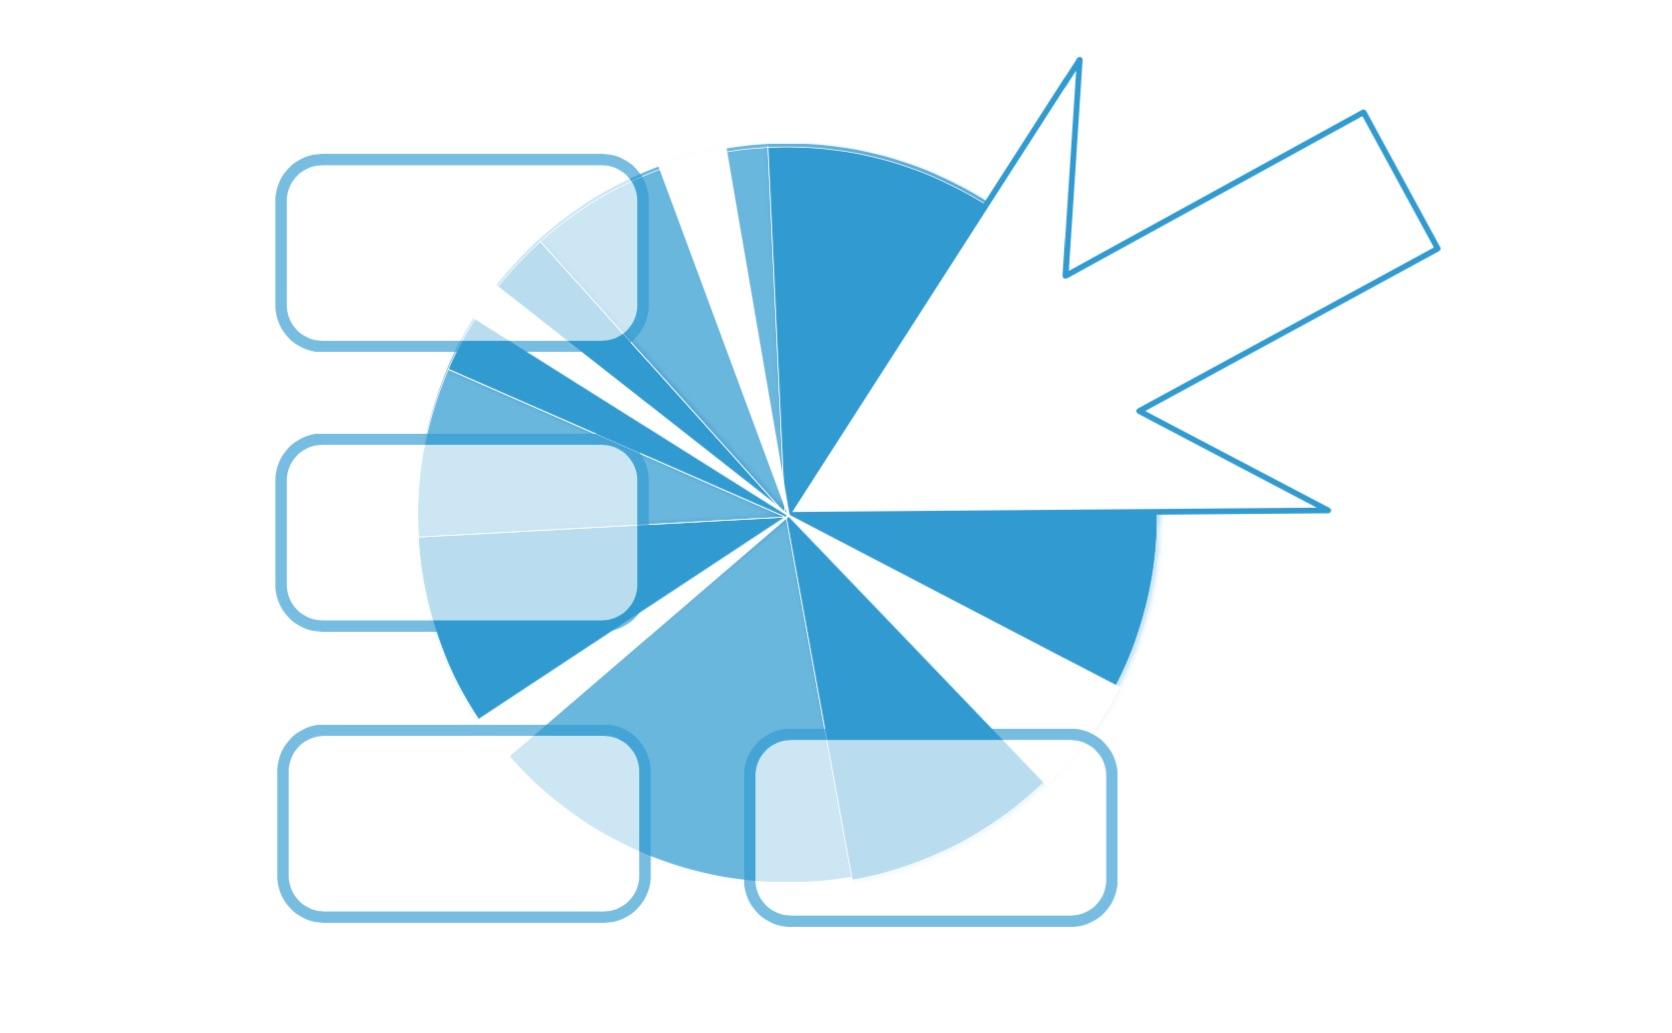 Логотип / иконка сервиса управления проектами / задачами фото f_6065974c1567f89f.jpg